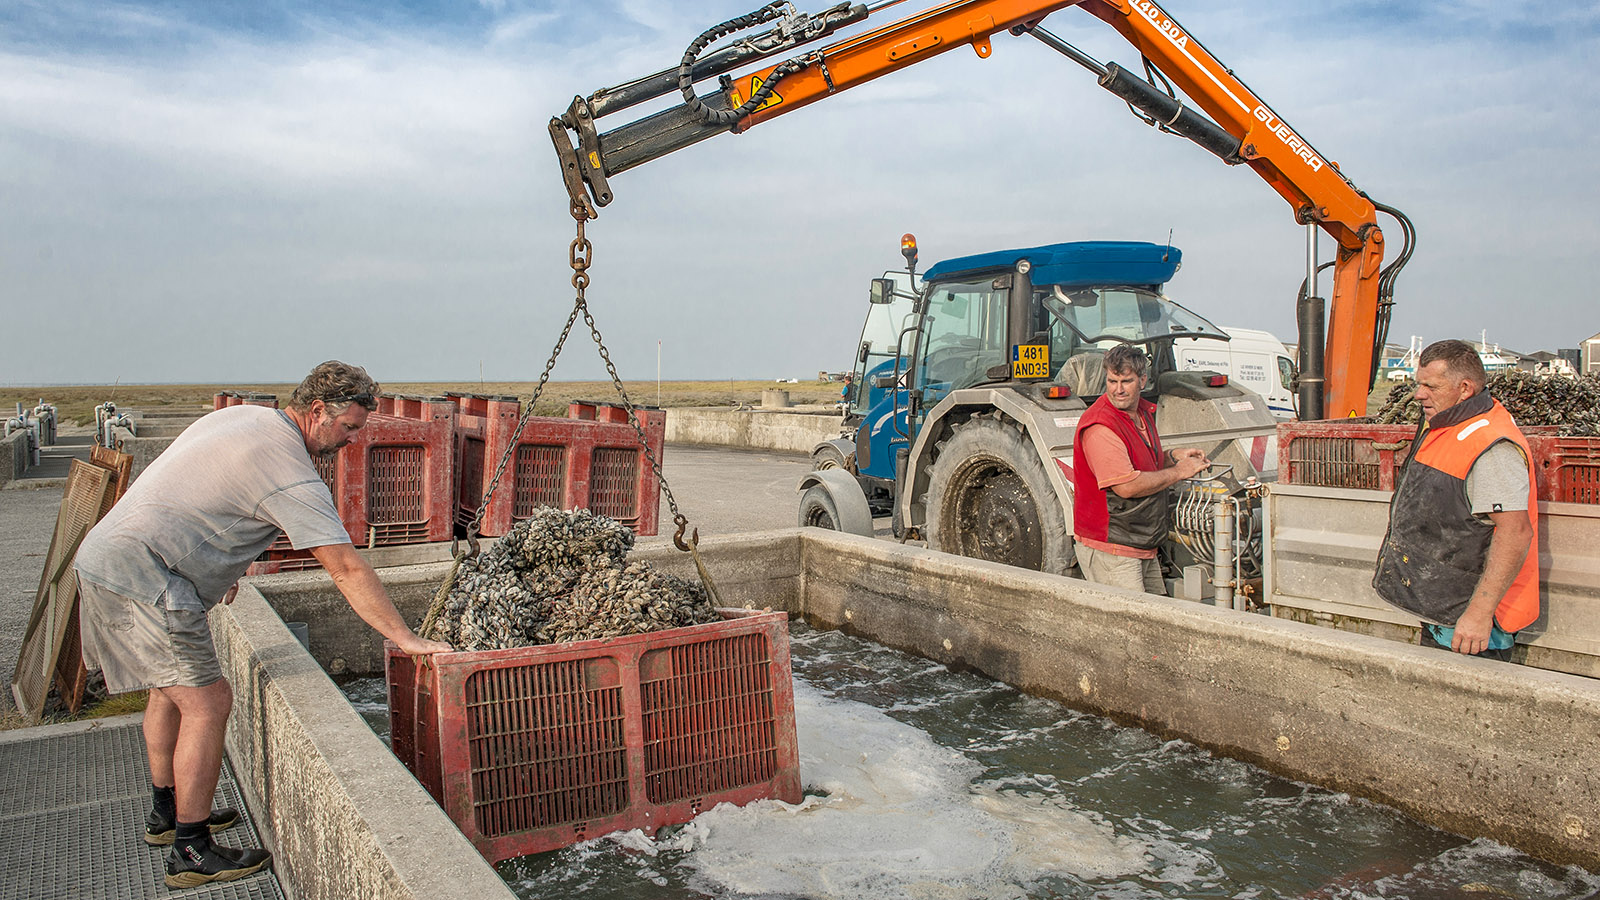 Moules de Bouchot: Die köstliche Fracht aus dem Meer wird in den Becken der Kooperative von Saint-Hirel gewässert. Foto: Hilke Maunder